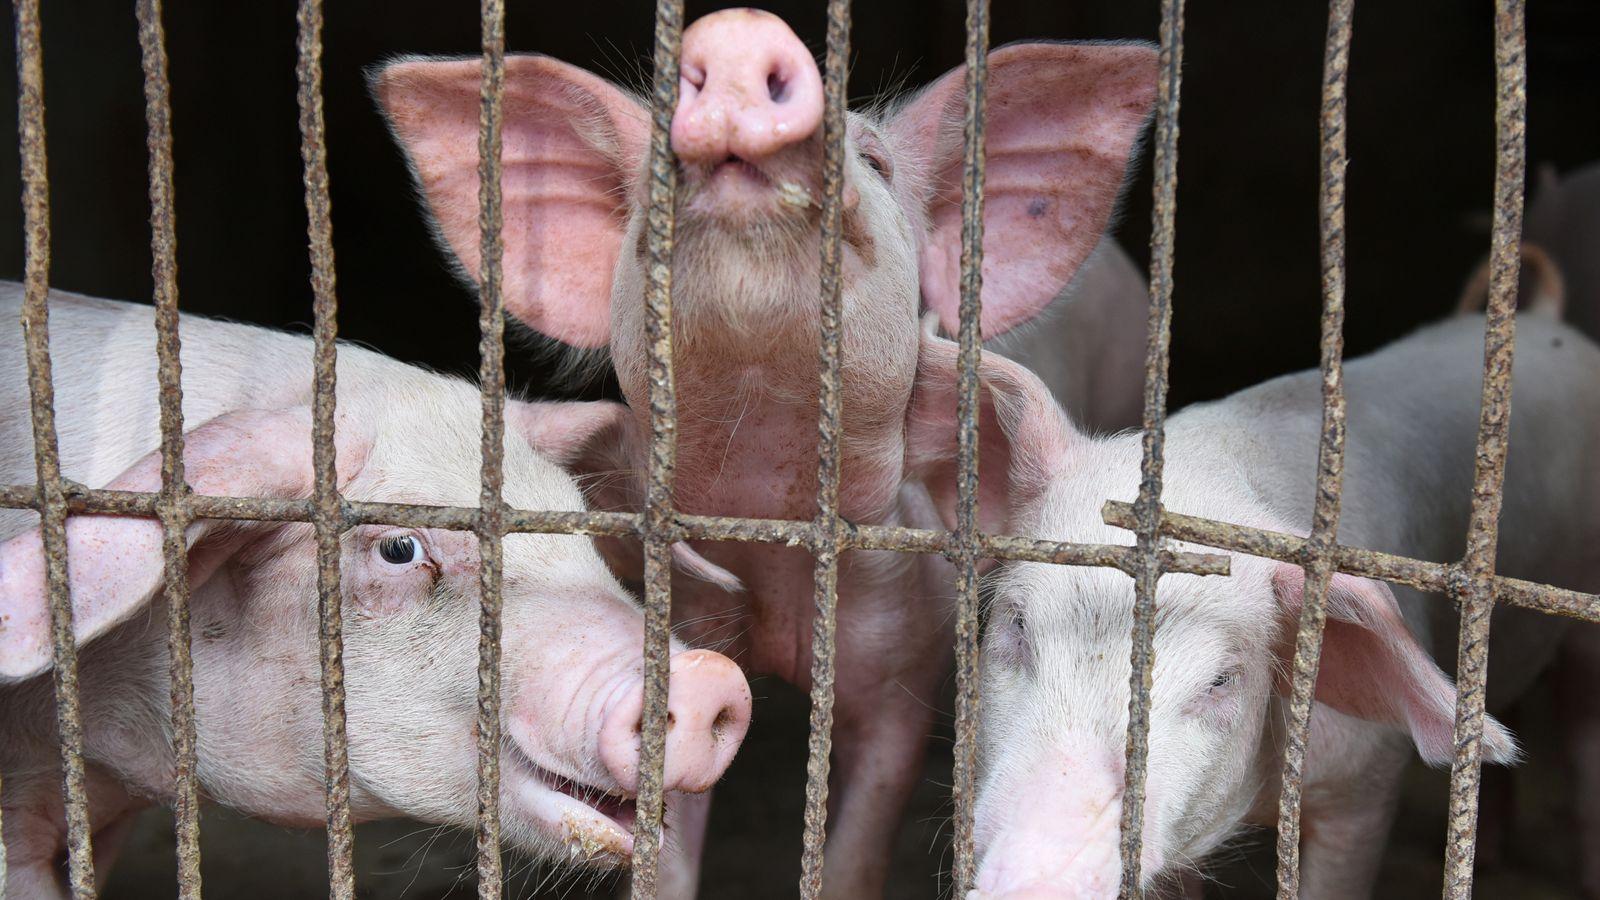 فيروس إنفلونزا الخنازير وتحذيرات الصحة العالمية وإجراءات وقائية لتجنب الإصابة بالفيروس